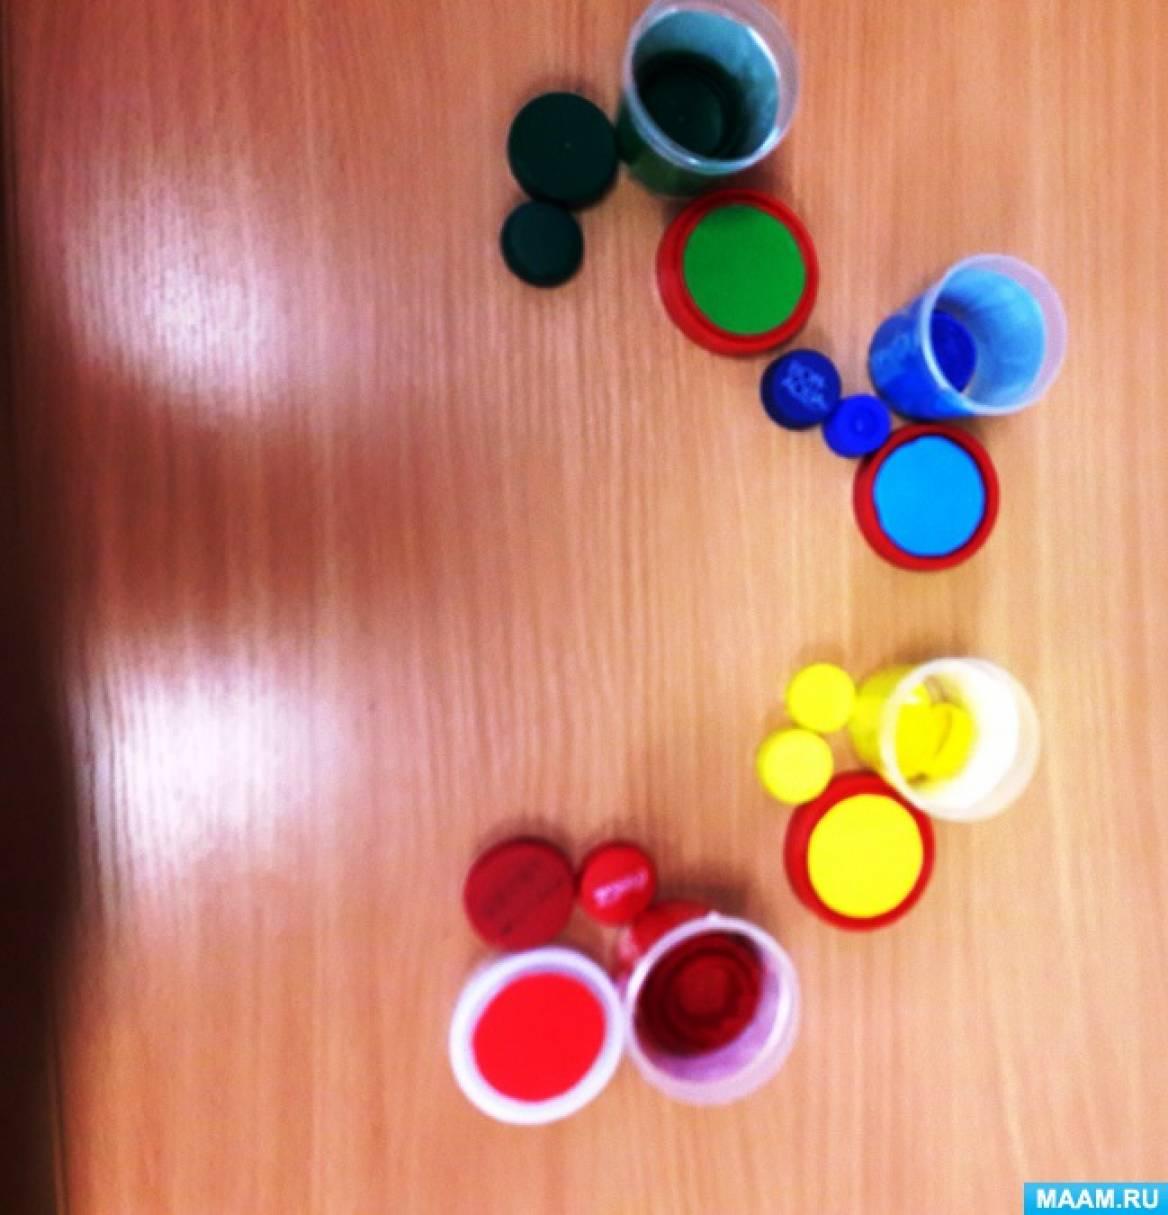 Дидактическая игра из крышек от пластиковых бутылок